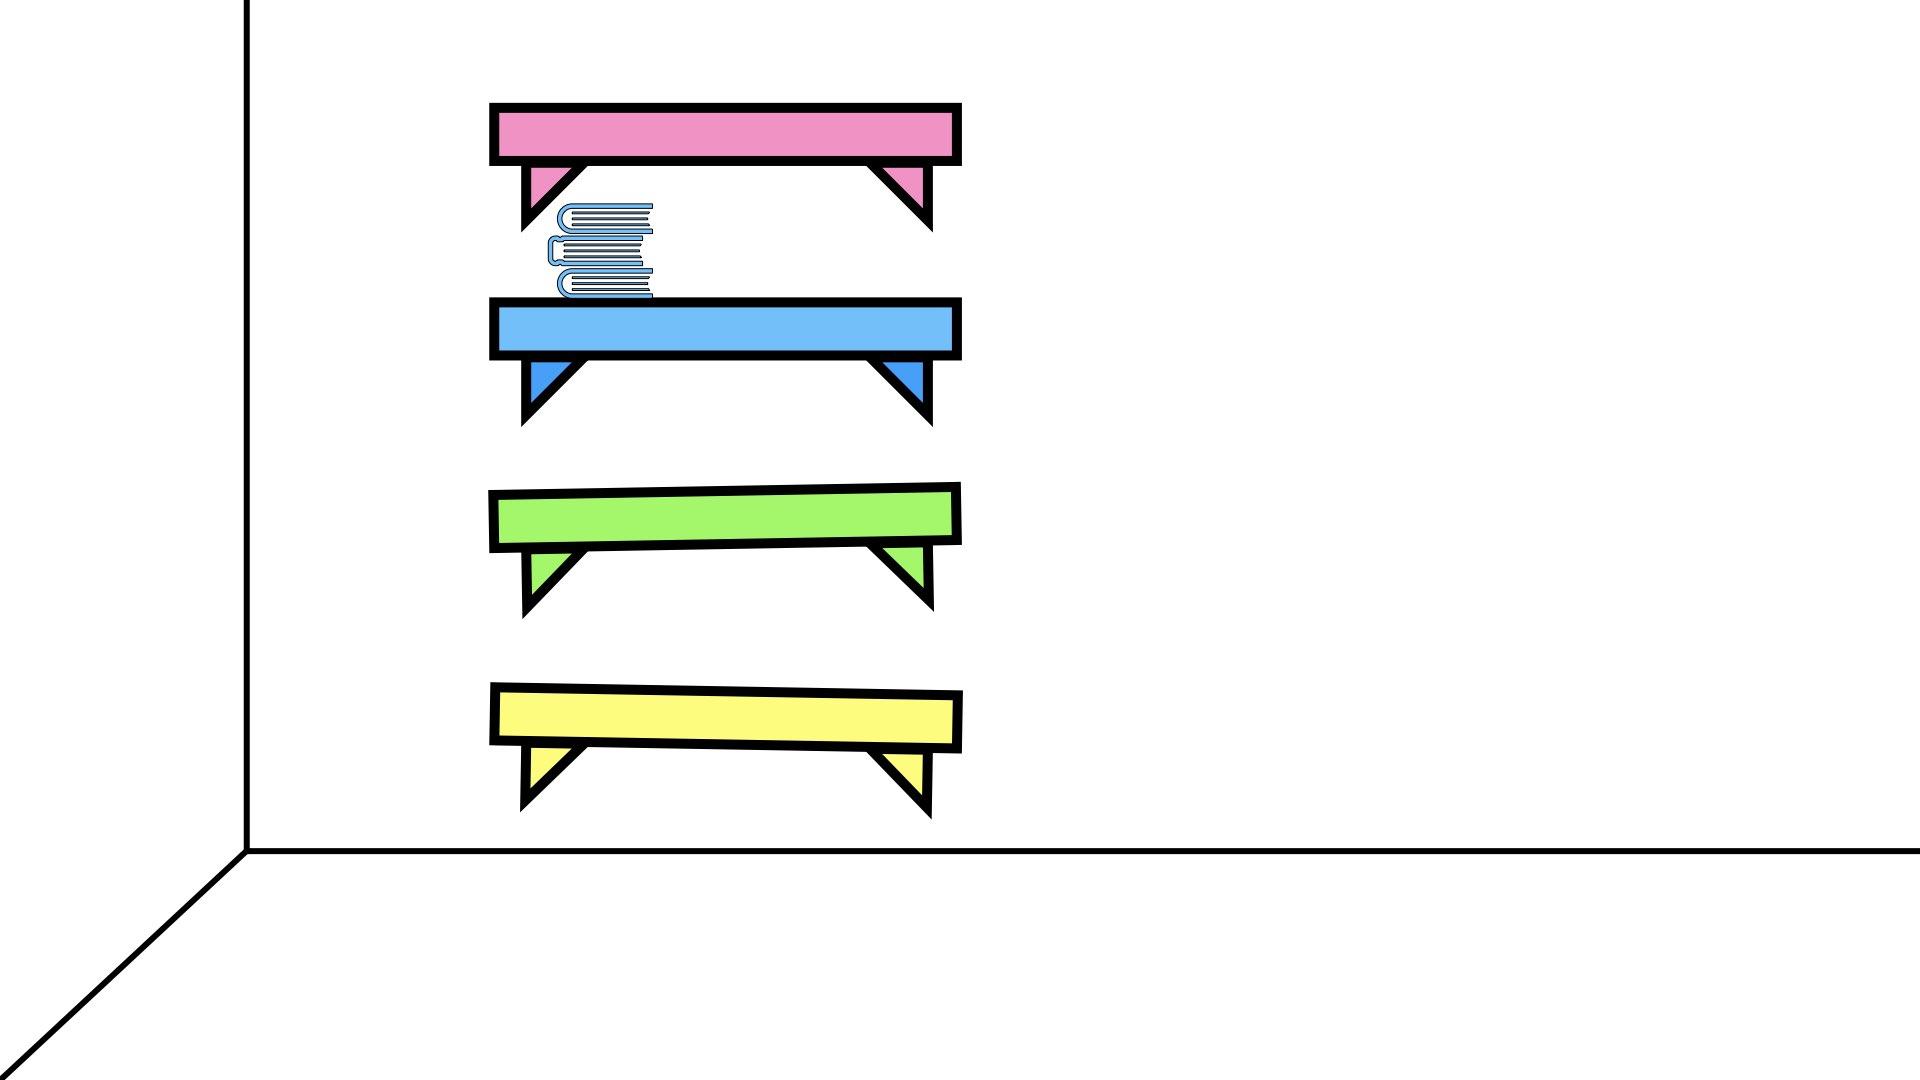 Sliding Shelves - 02 - Spark Image 1